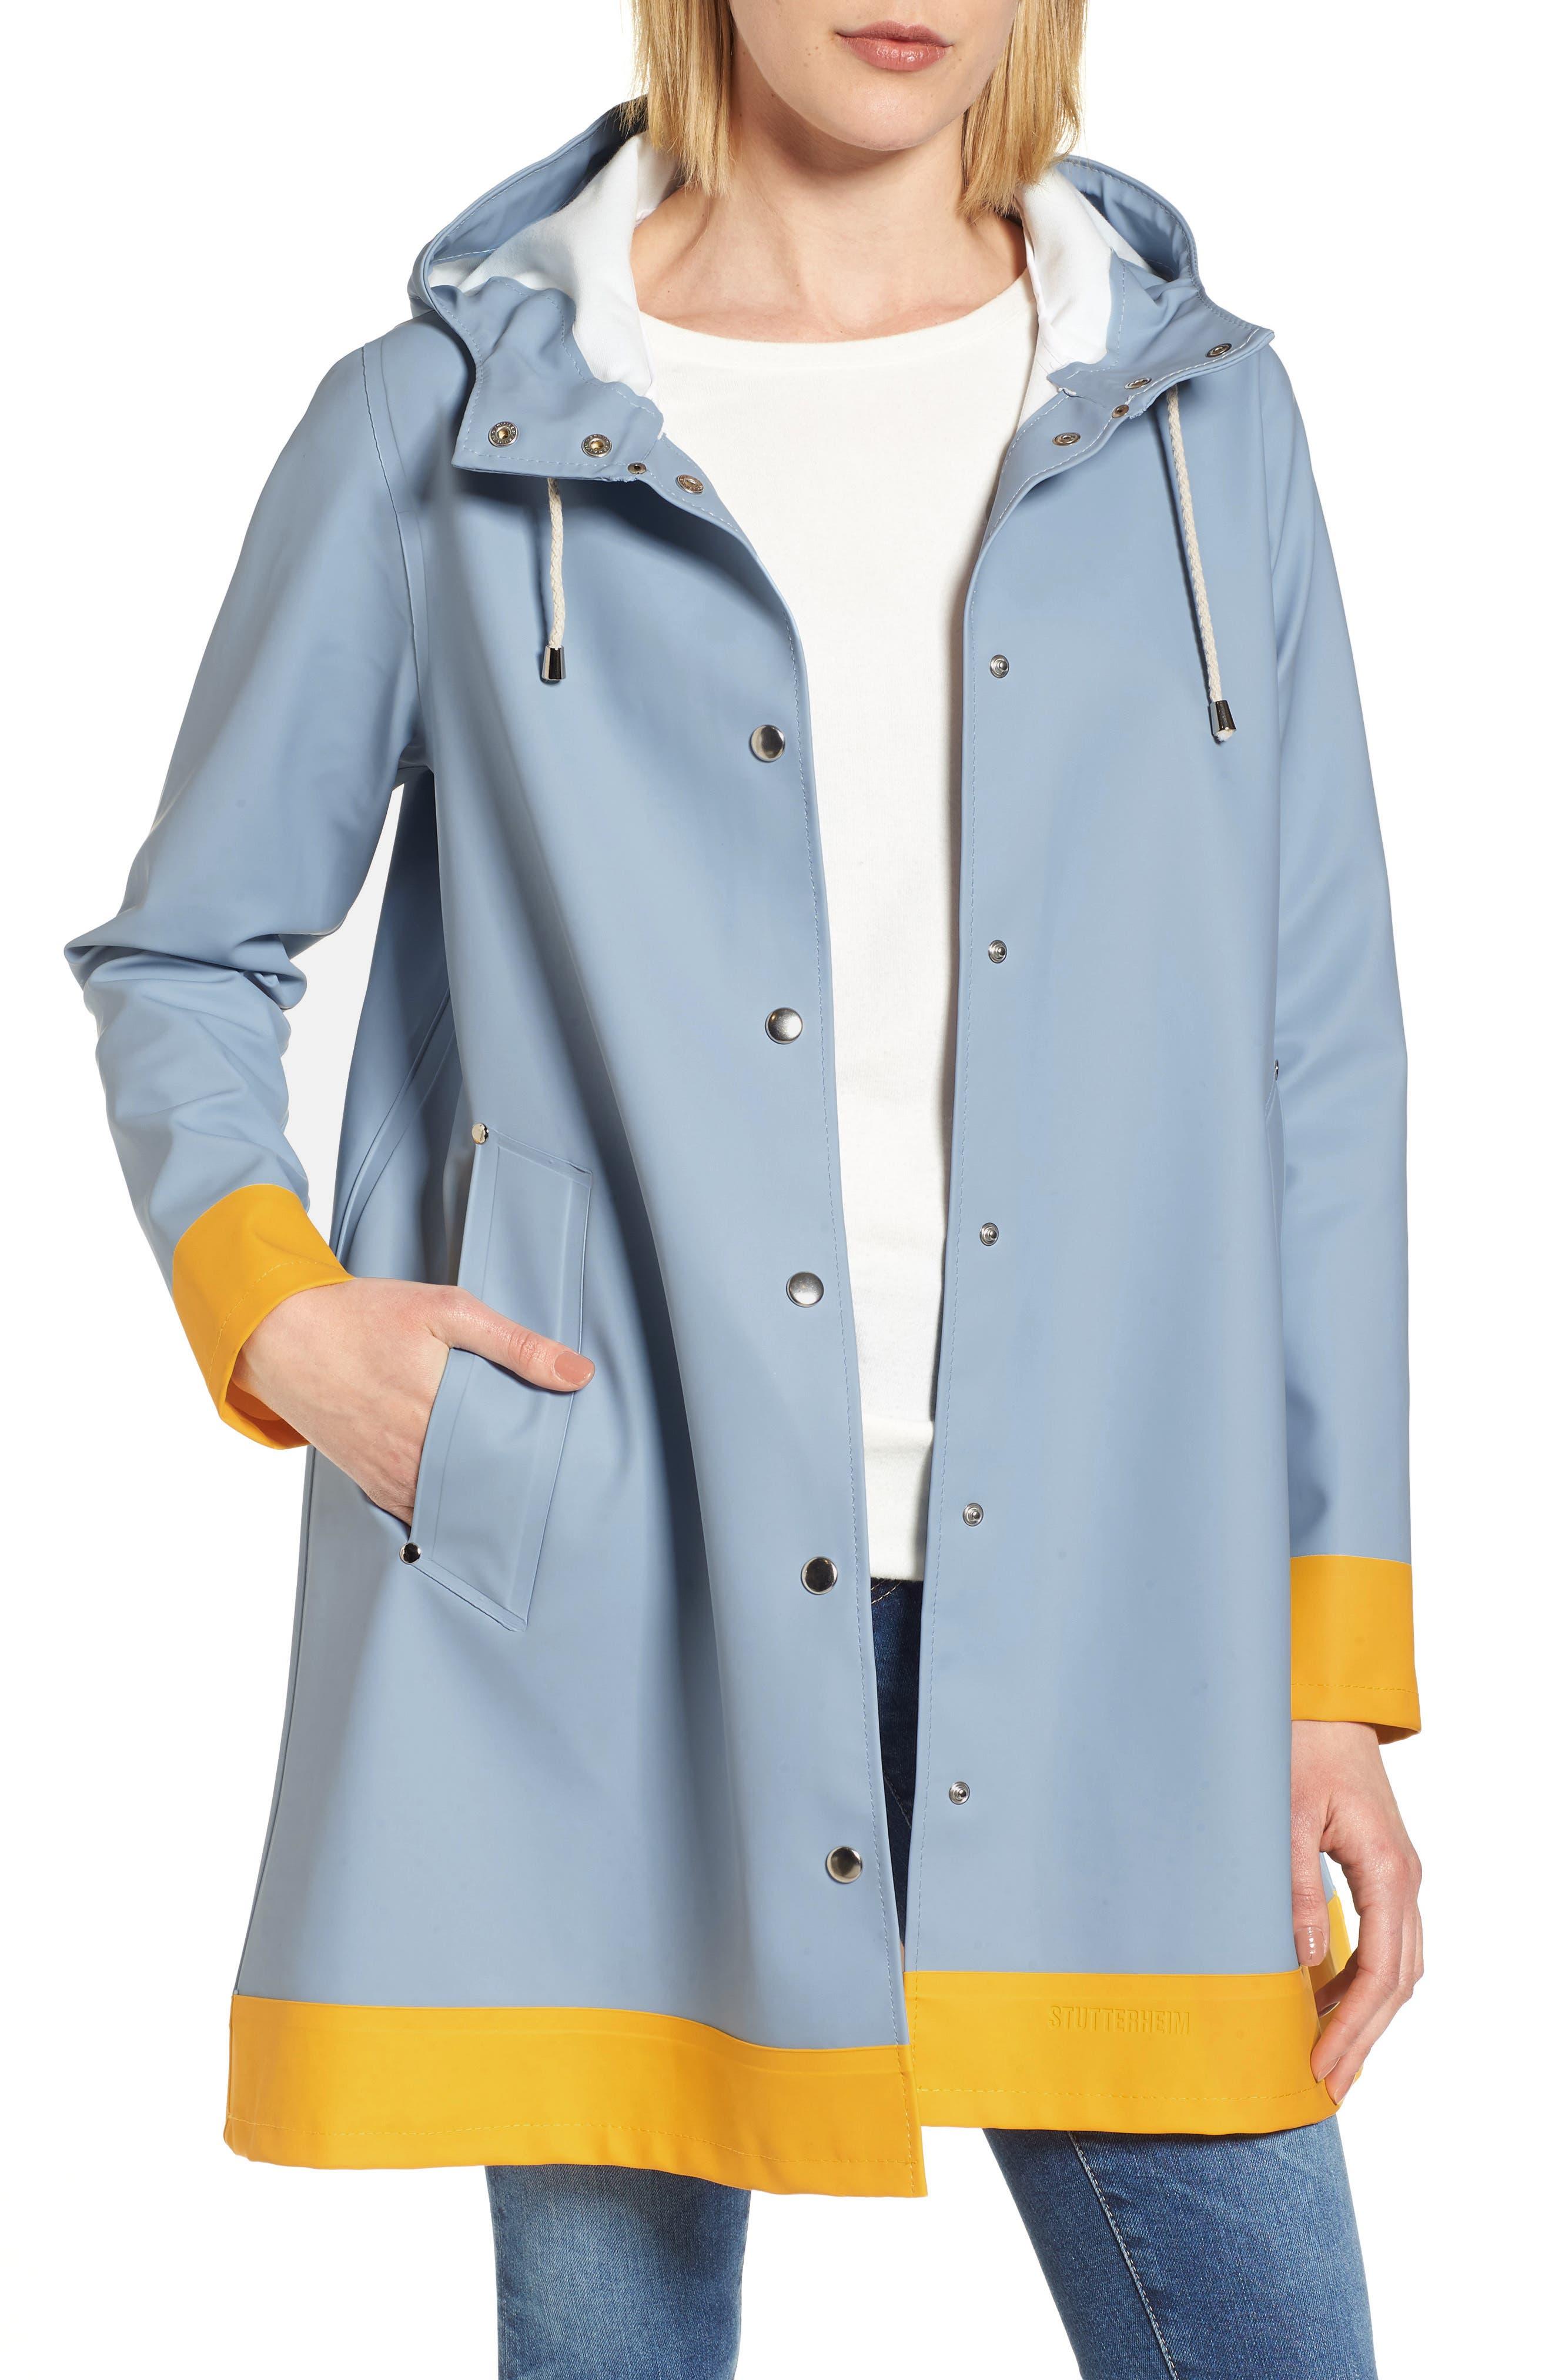 Mosebacke Frame Colorblock Raincoat,                             Main thumbnail 2, color,